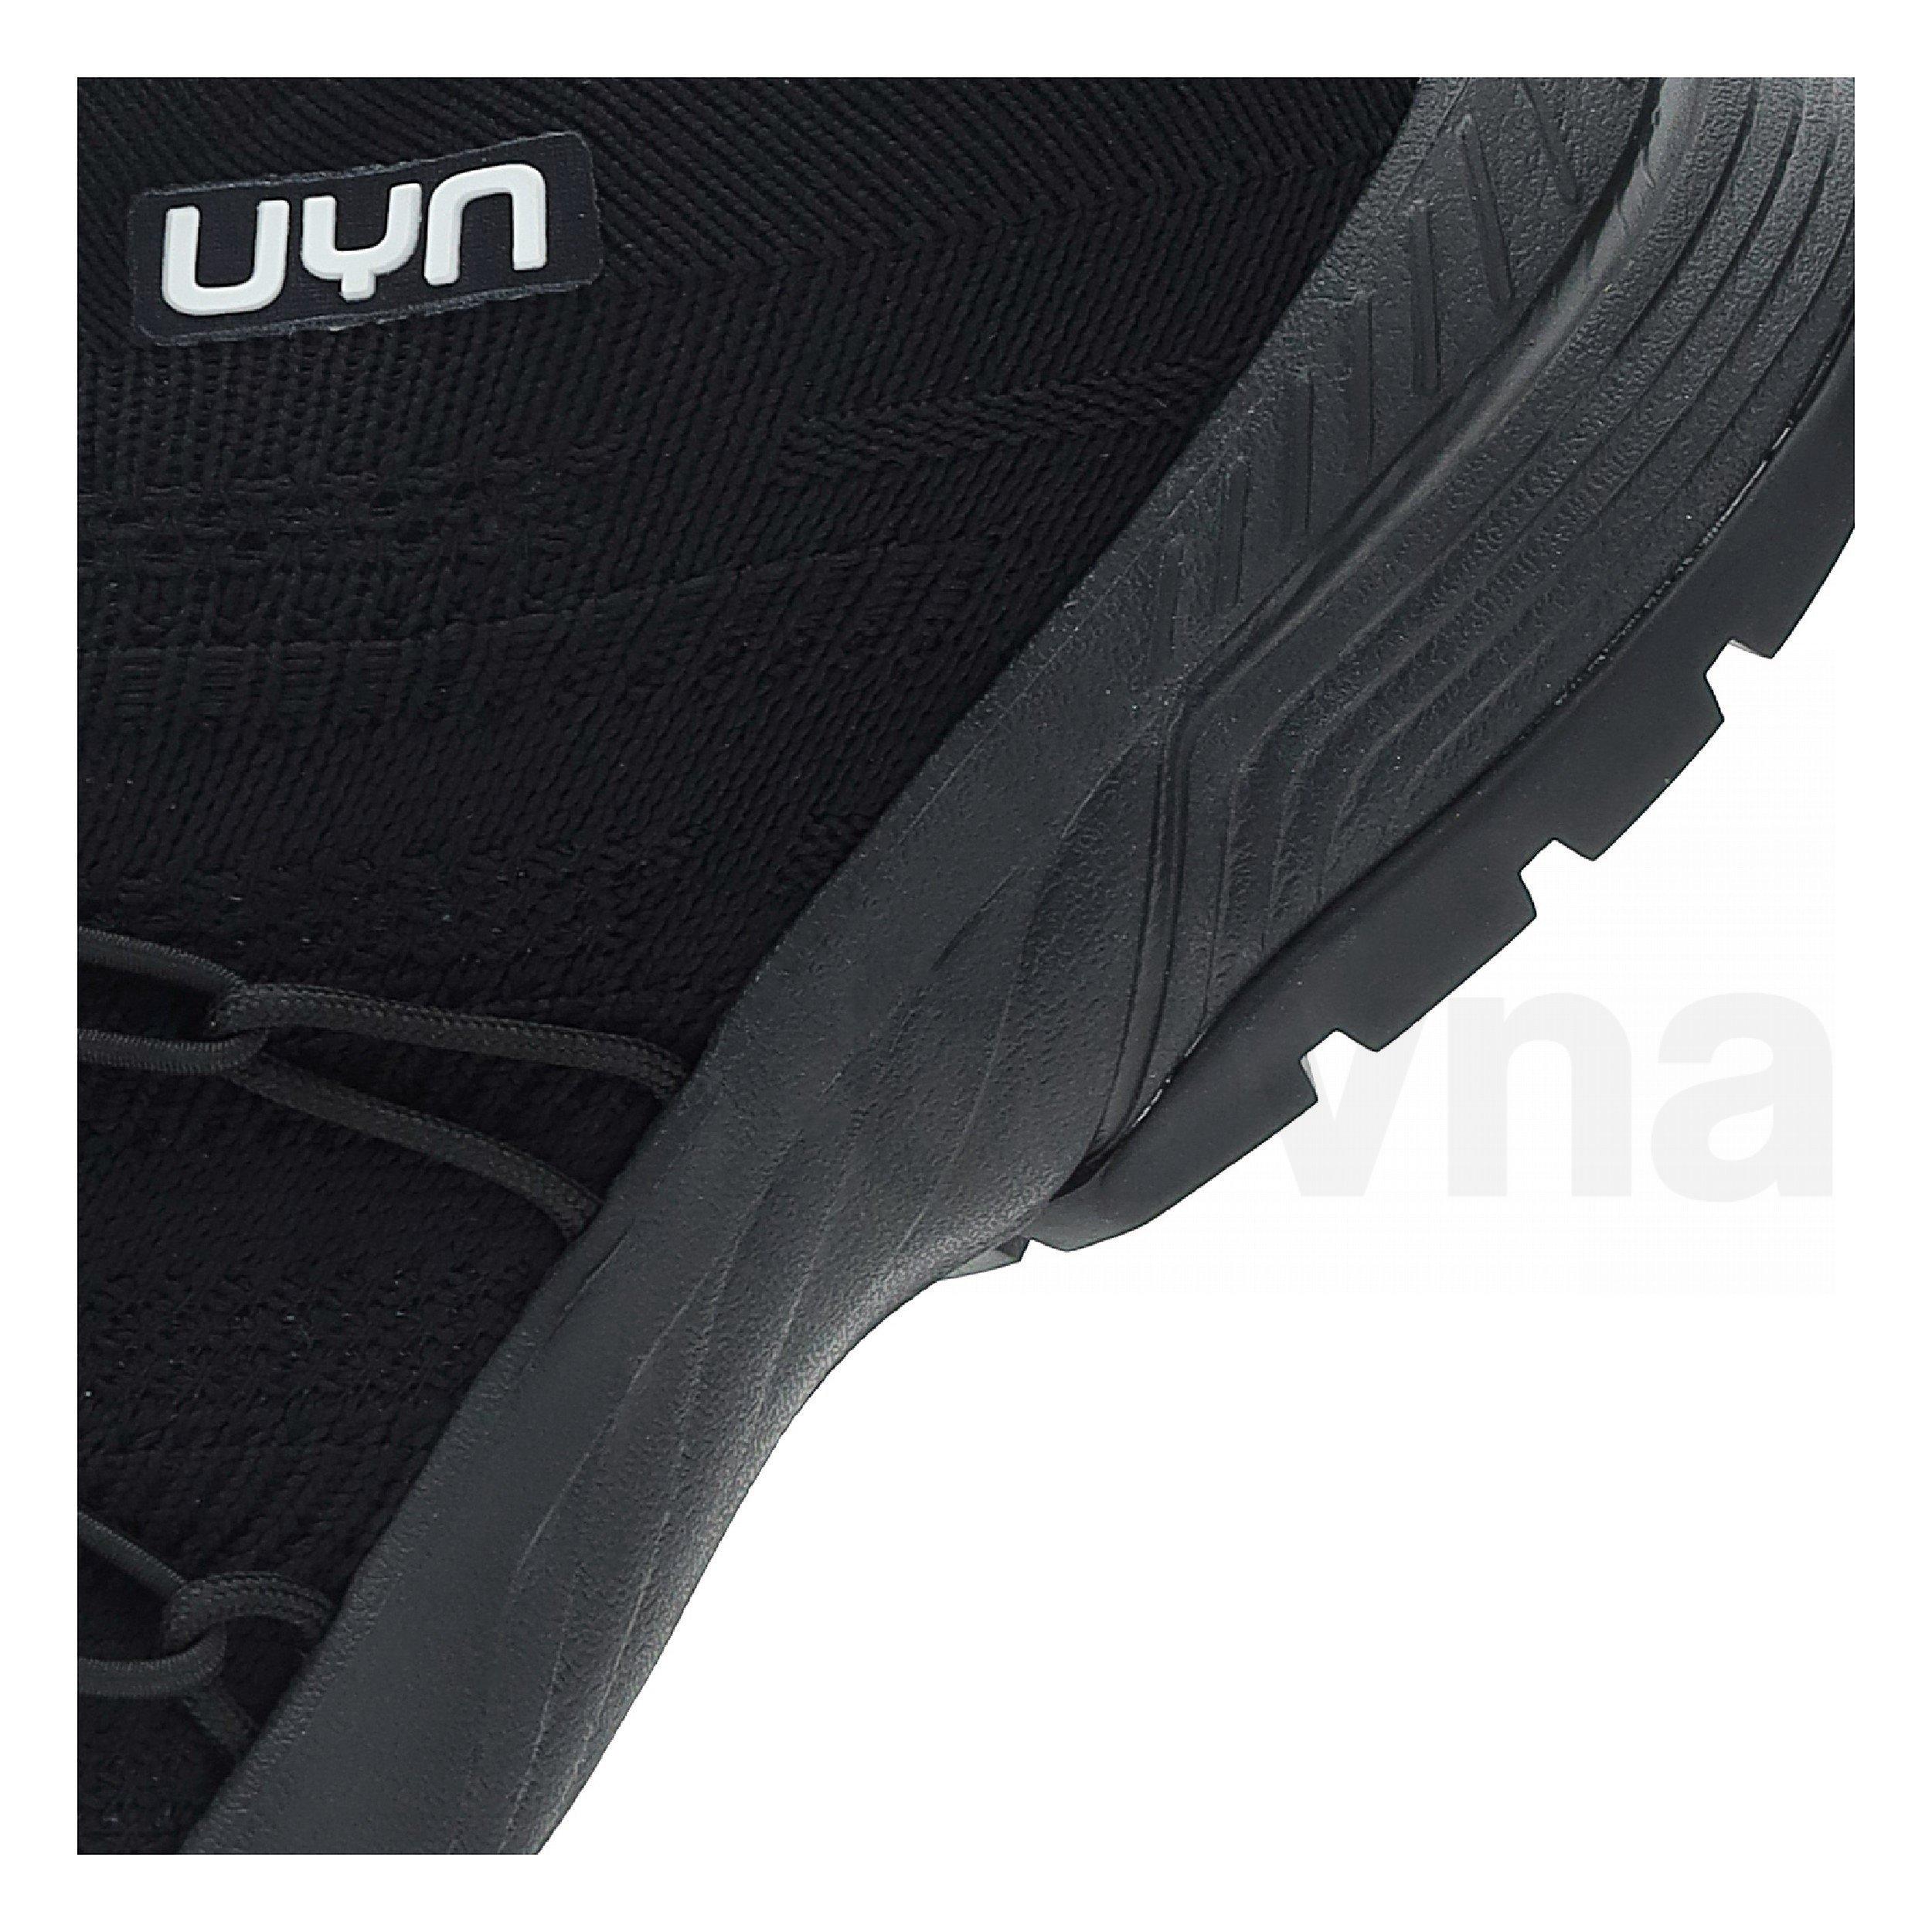 Obuv UYN Free Flow Tune M - černá